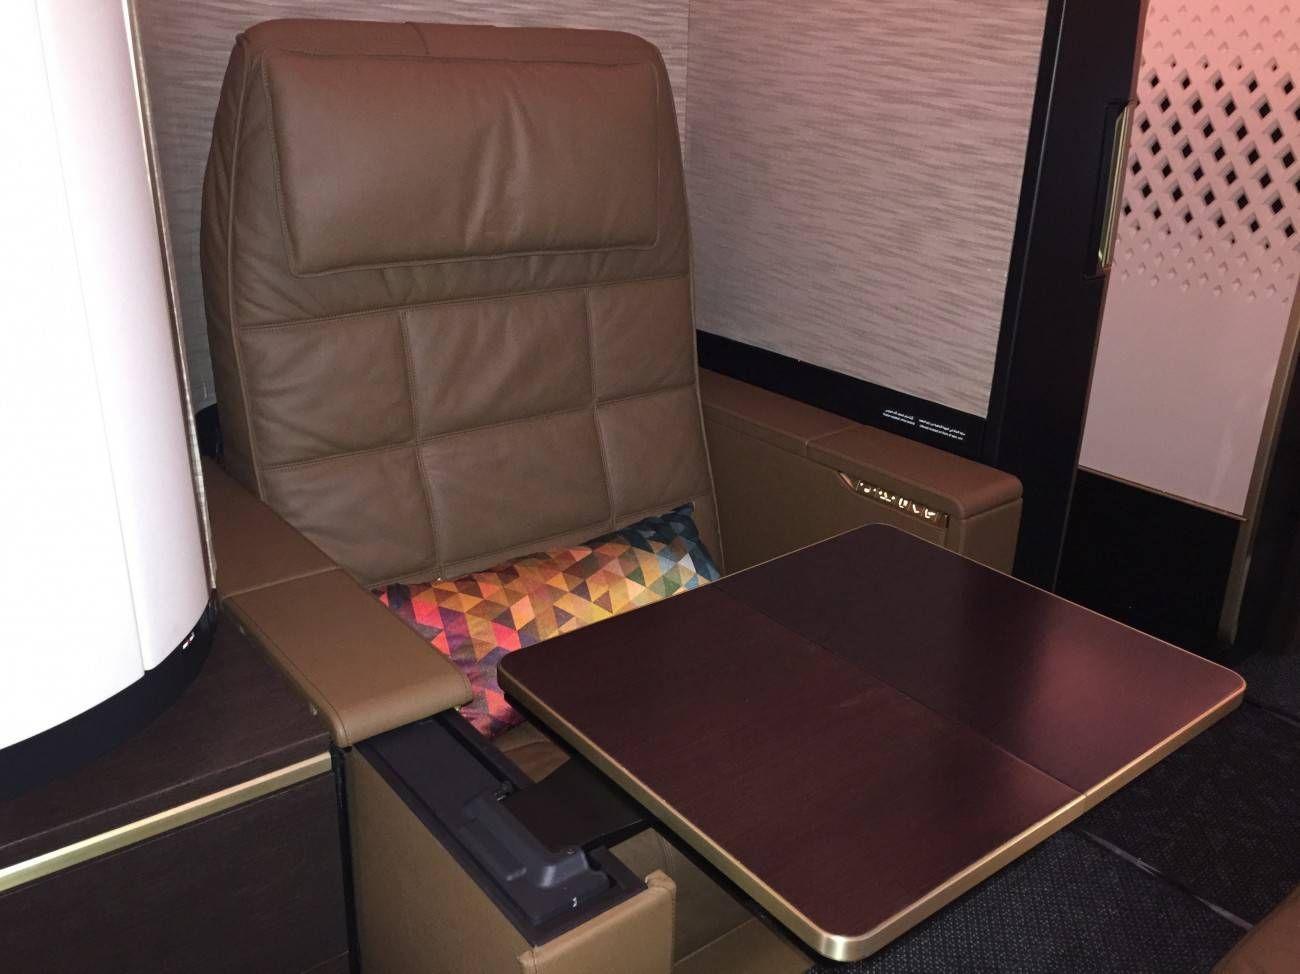 First Class Apartment A380 Etihad - PassageirodePrimeira32